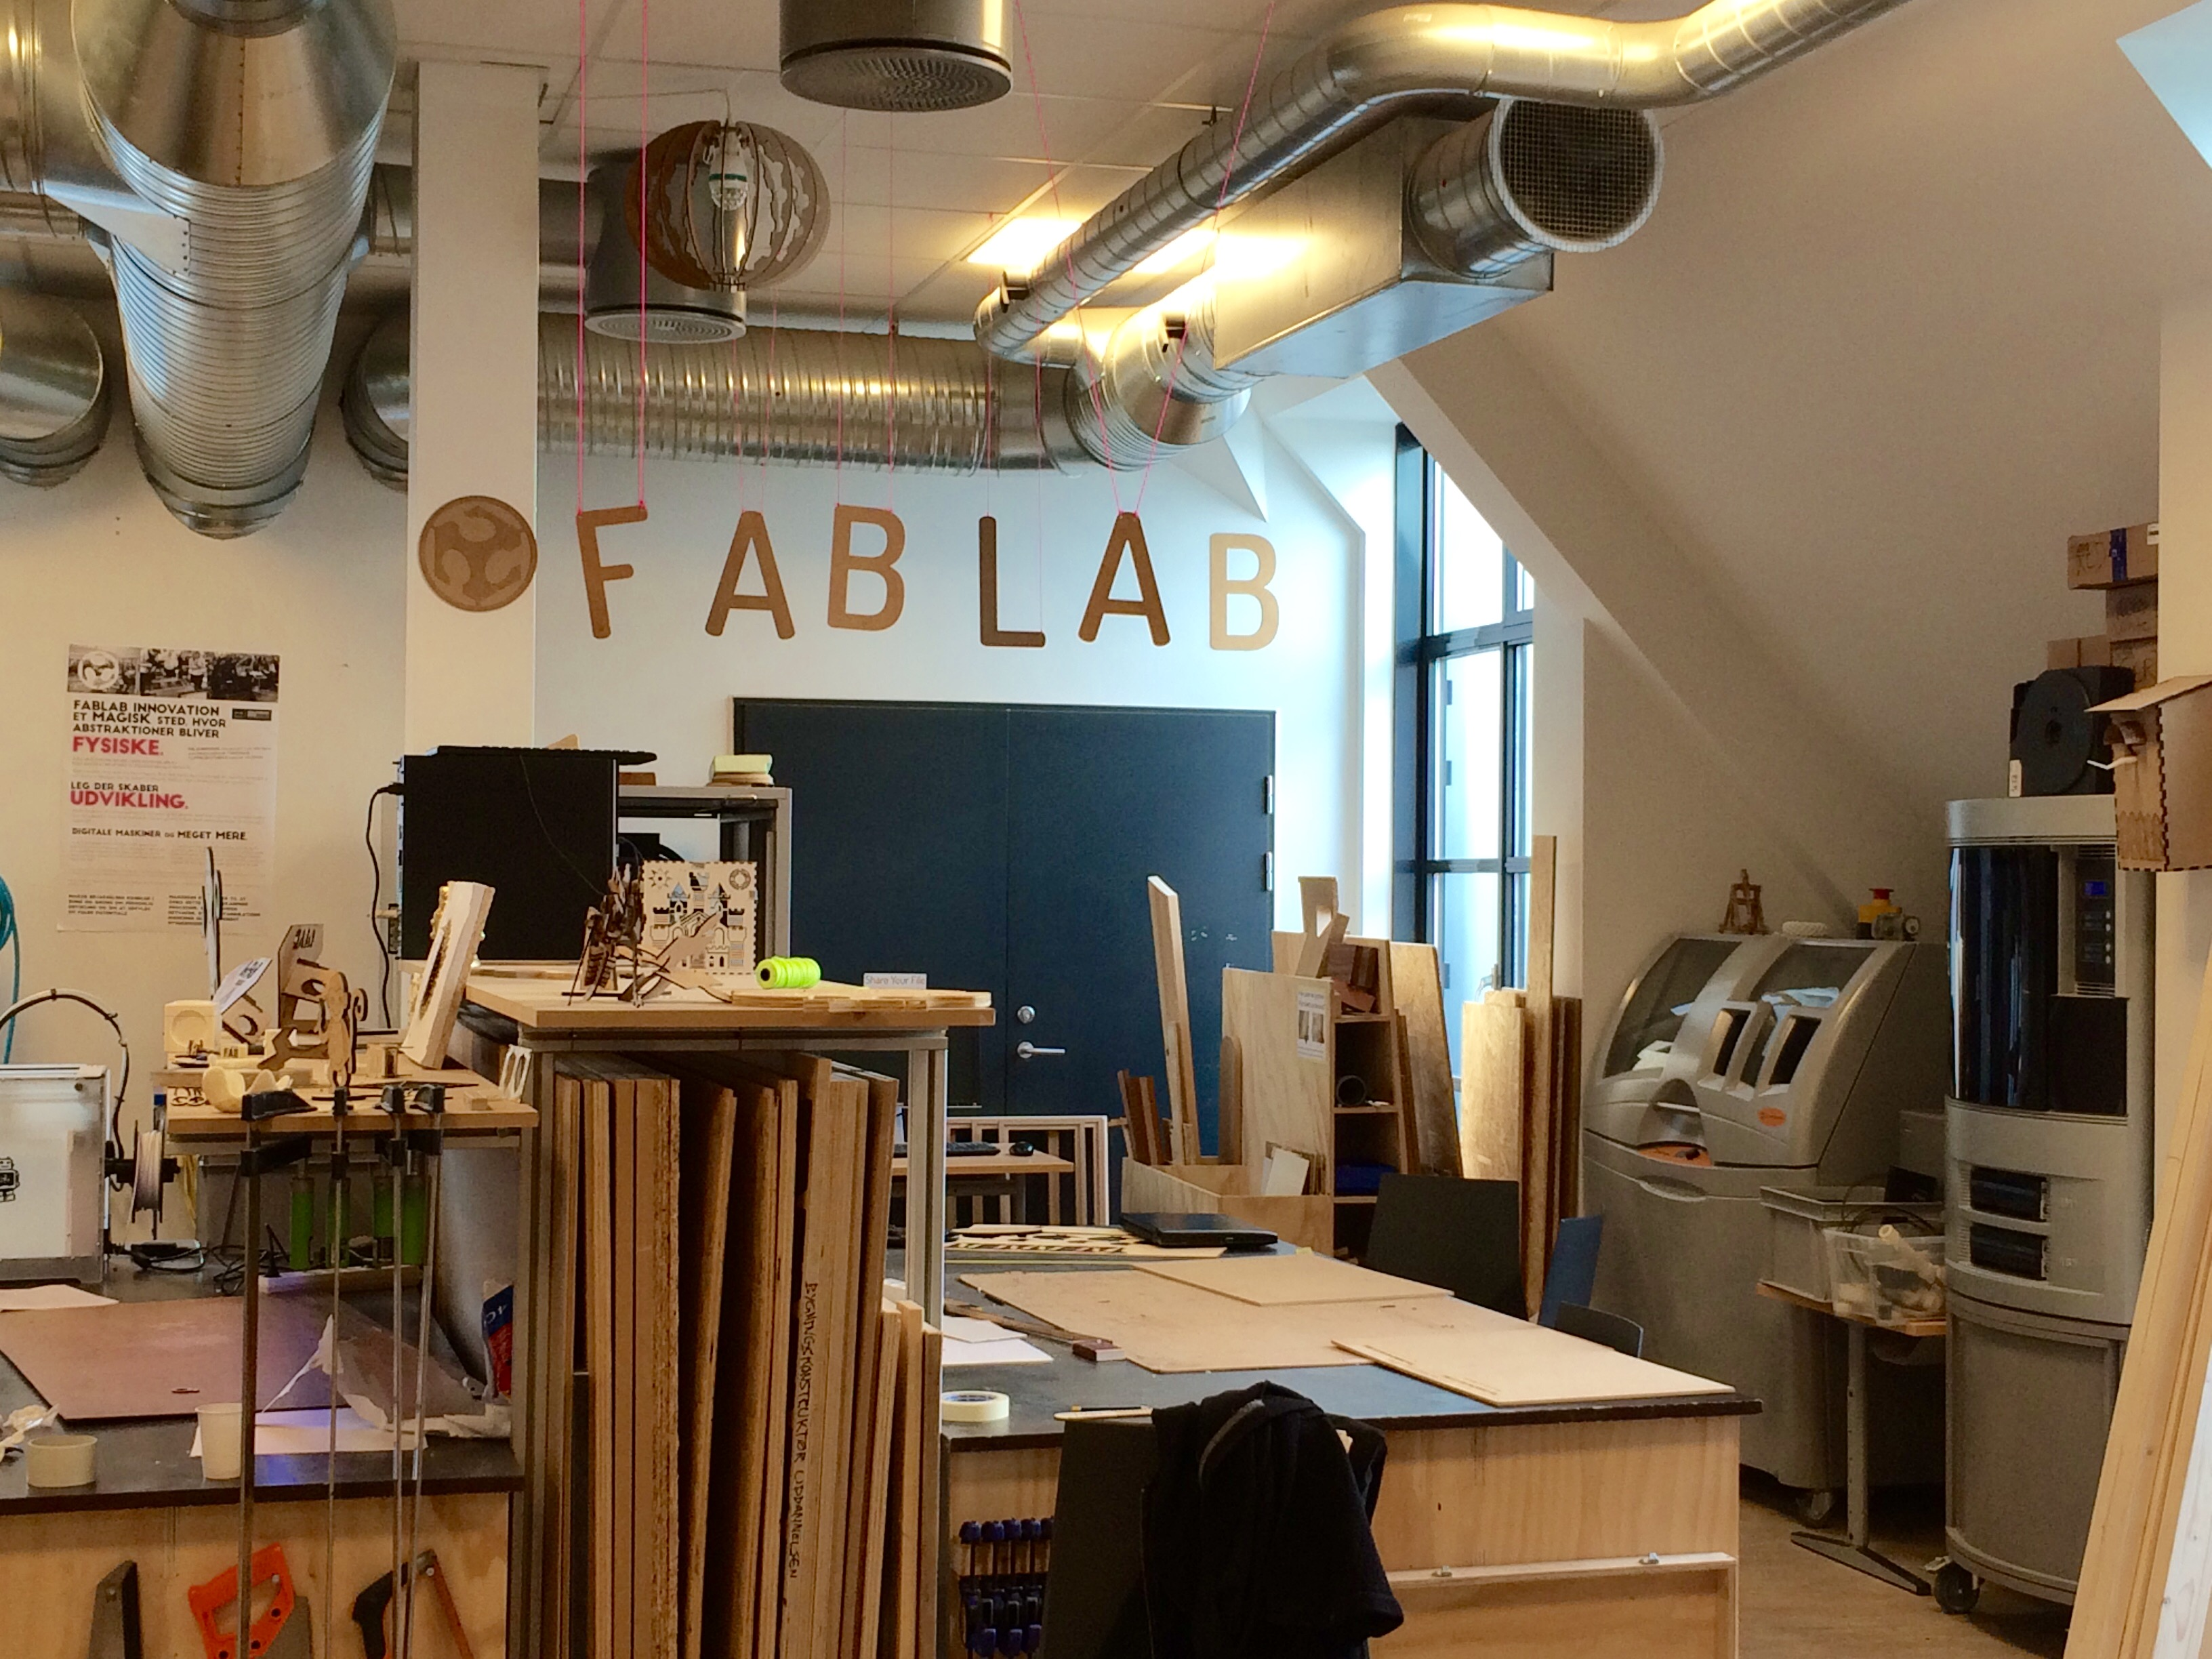 Un laboratoire de fabrication est un lieu ouvert où la population peut venir créer ou réparer ses objets.  Photo libre de Kristian Bang